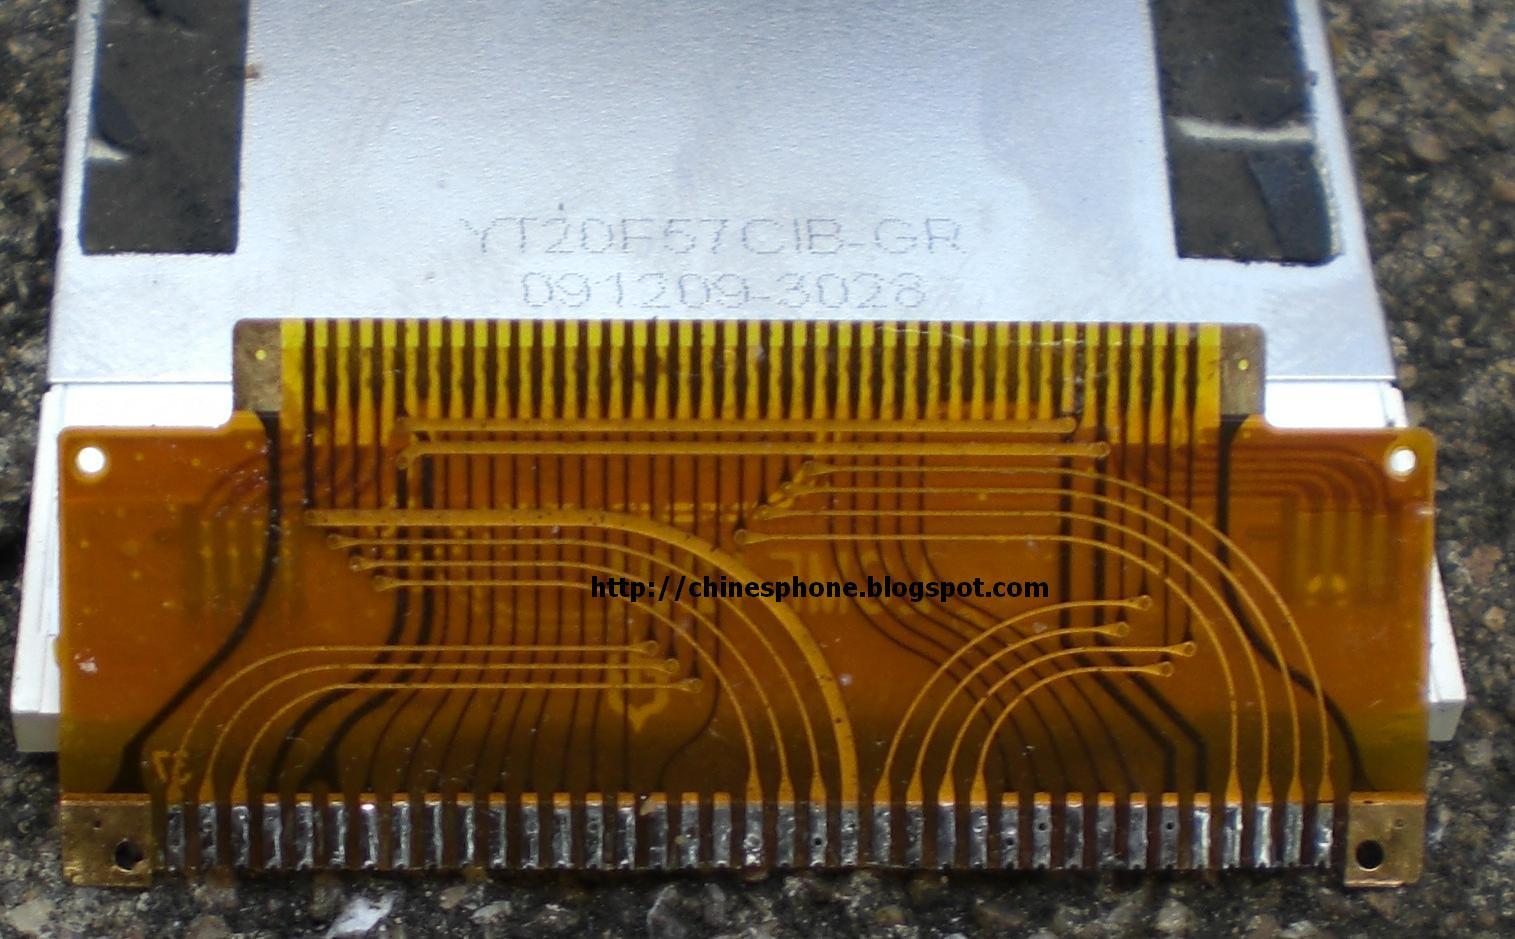 http://1.bp.blogspot.com/--0pzzrWHZ1c/TfSvNASGc9I/AAAAAAAAALc/kFPbhVY538Q/s1600/blueberry%2Bi9000%2Blcd%2Bflex.JPG